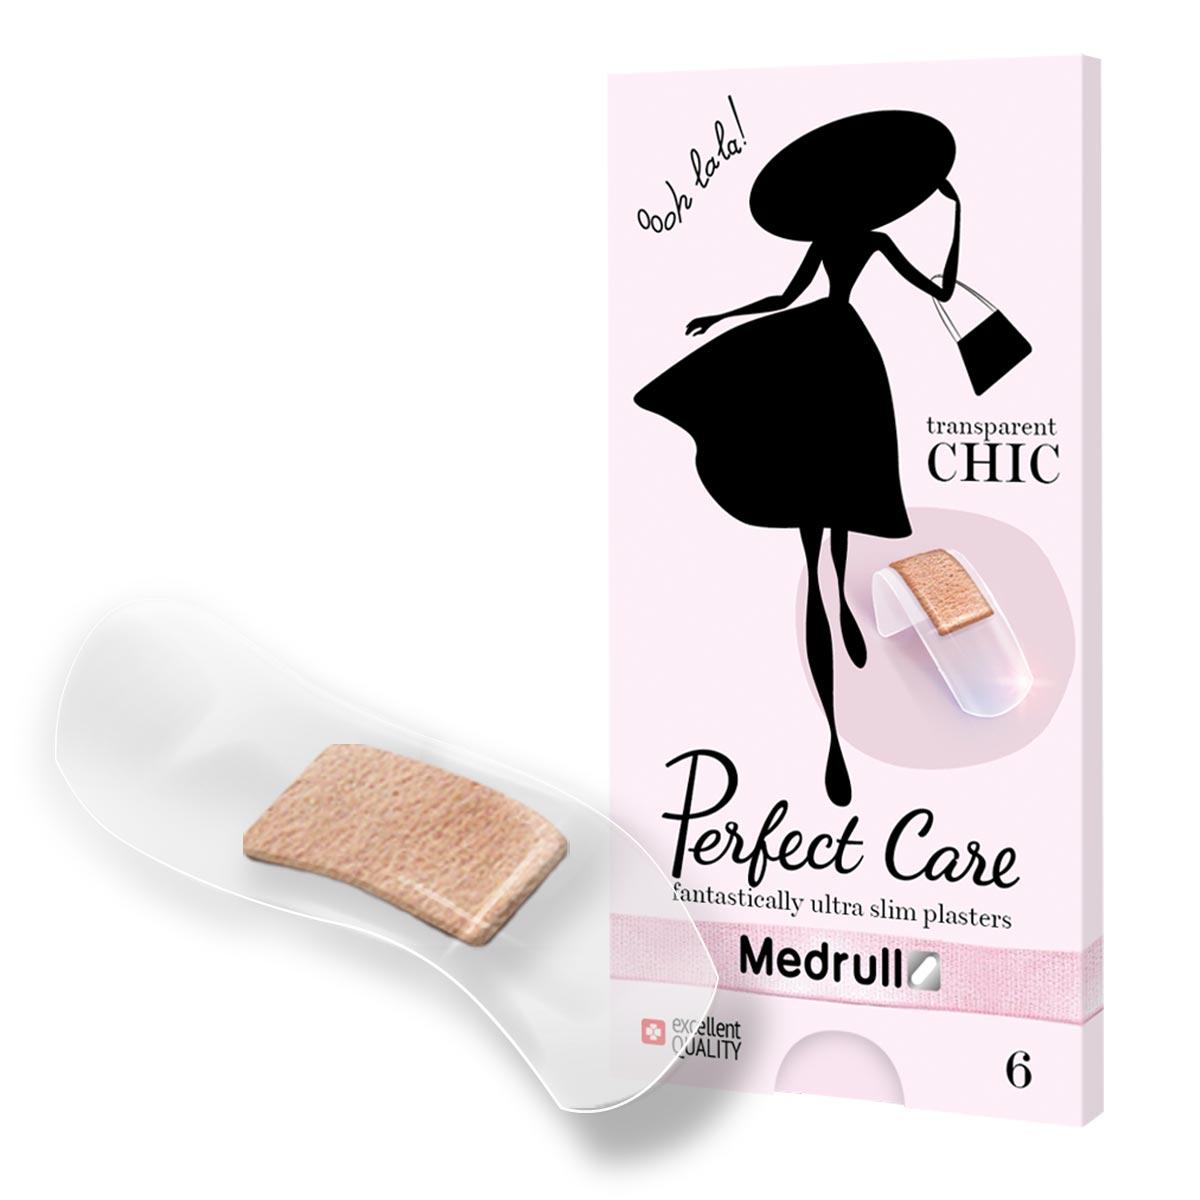 Medrull Набор пластырей Perfect Care, №64742225003362Идеально прозрачные пластыри, которые помогут защитить рану и будут практически незаметны на Вашей коже. Удобная и красивая упаковка, небольшого размера, не займет много места в Вашей сумочке. Пластыри изготовлены из тонкого, эластичного, прозрачного, полимерного, приятного для кожи материала. Свойства пластыря: водонепроницаемые, грязенепроницаемые, гипоаллергенные, эластичные, плотно прилегающие. Абсорбирующая подушечка изготовлена из вискозы и обладает высокой впитываемостью. Верхняя часть подушечки обработана полипропиленом, что защищает от вероятности прилипания пластыря к поврежденной поверхности кожи.